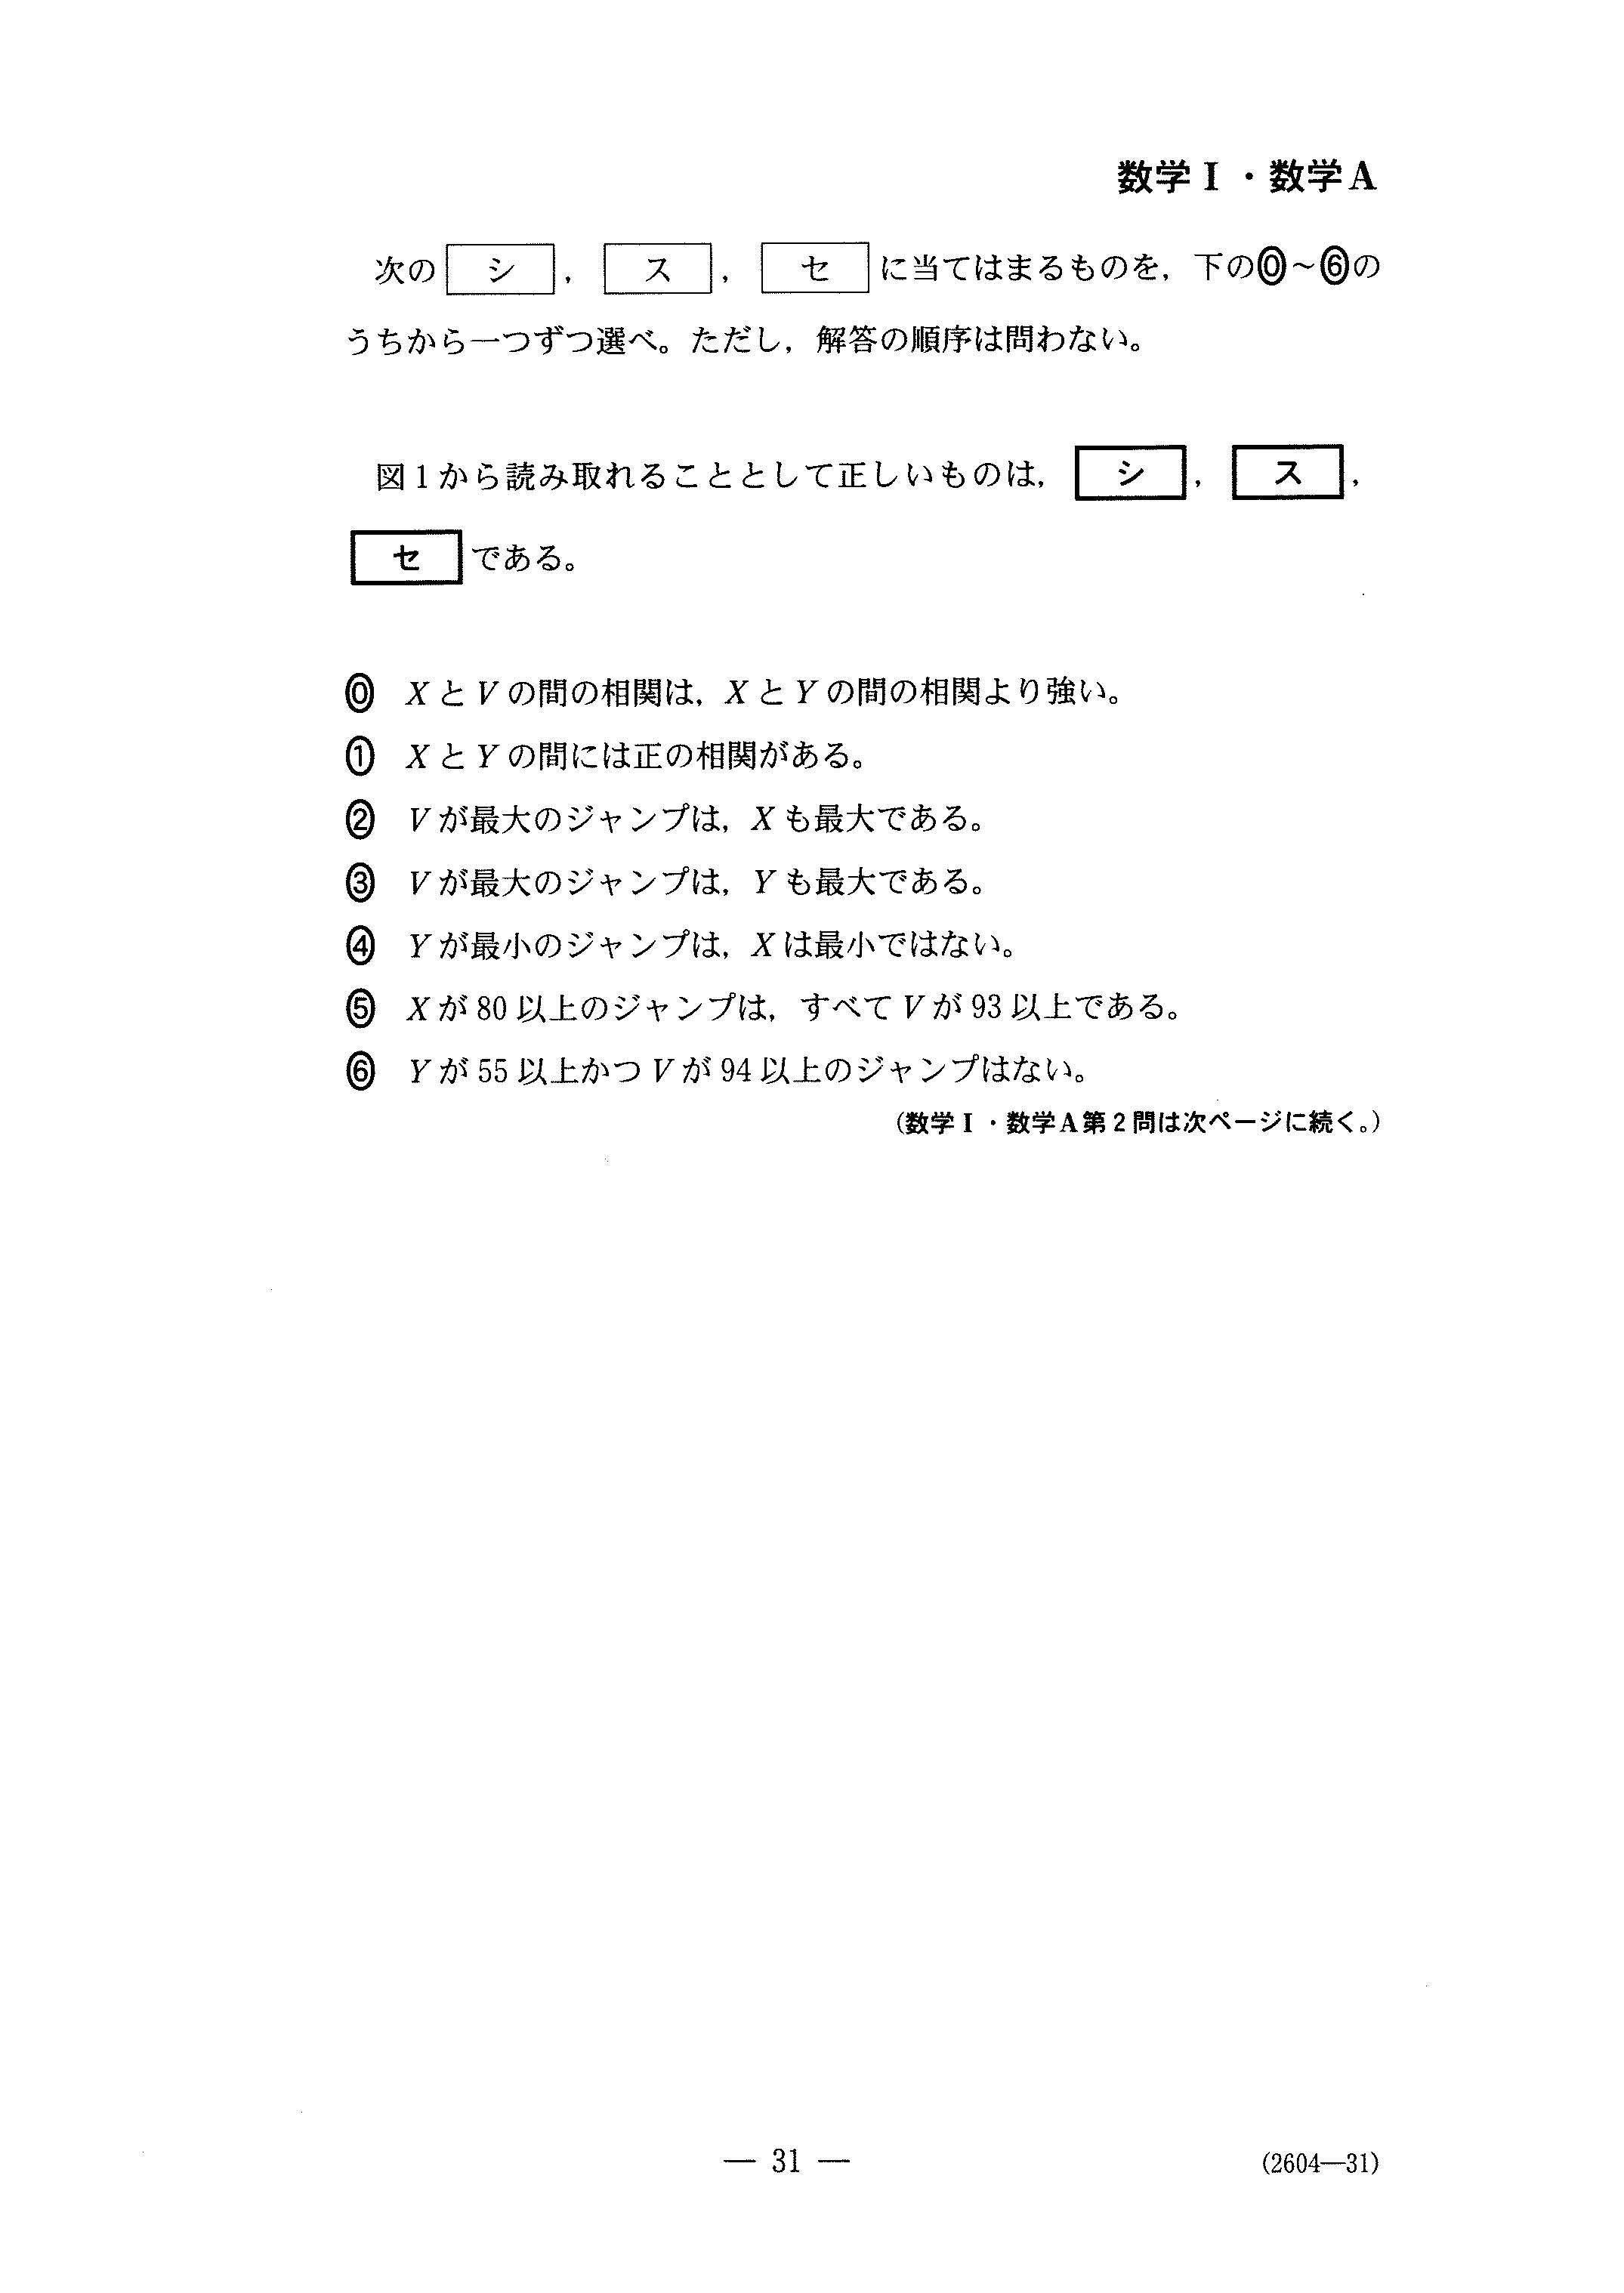 H29数学_数学Ⅰ・数学A 大学入試センター試験過去問